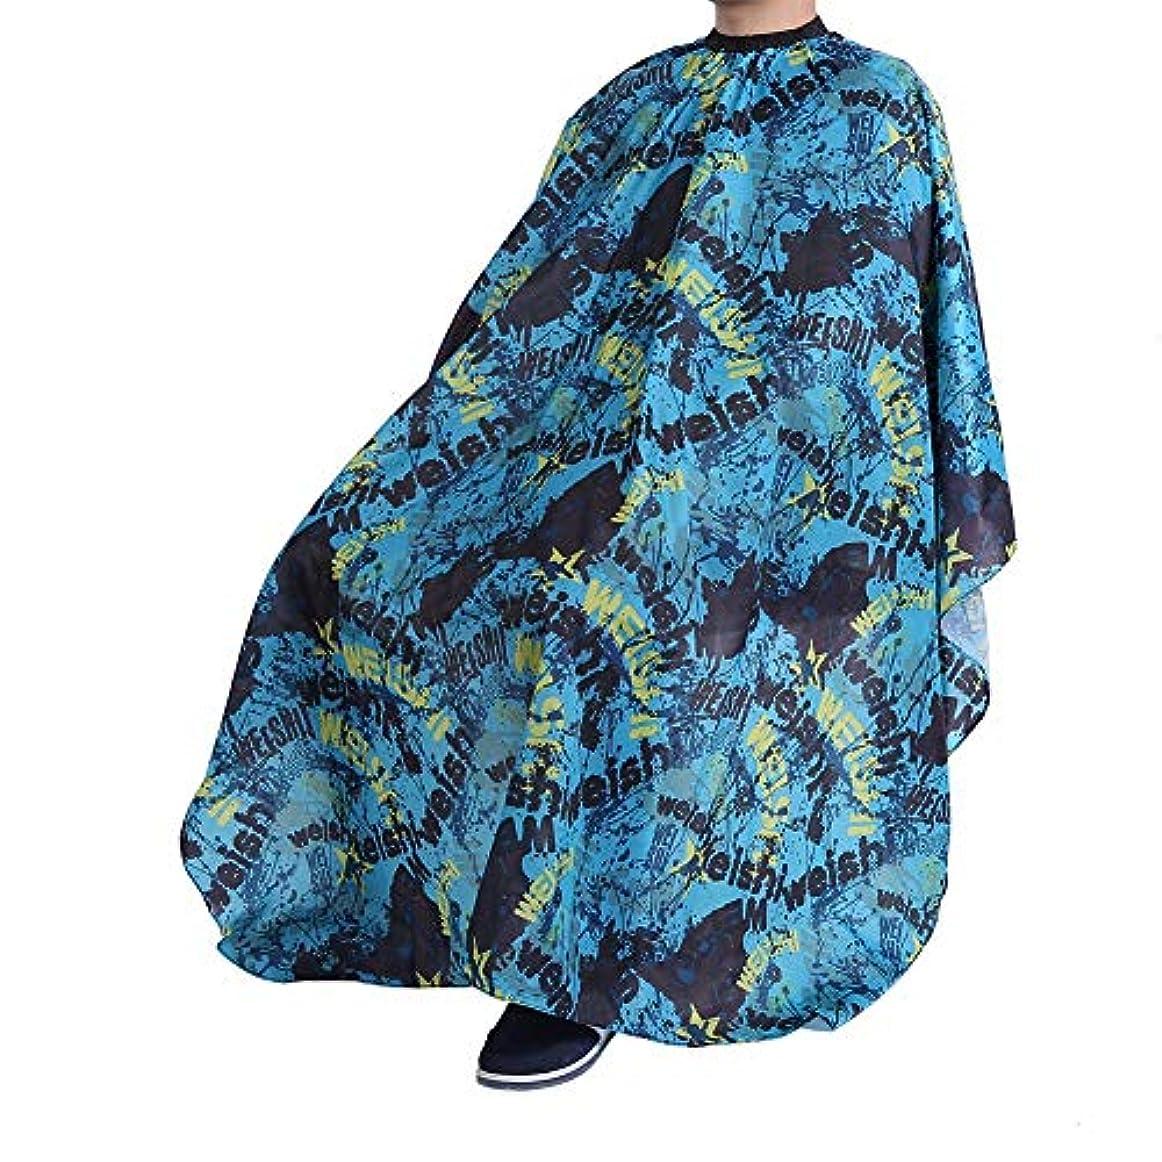 業界モック好戦的な理髪岬エプロンユニセックス-3パターン-防水(ブルースクロール)